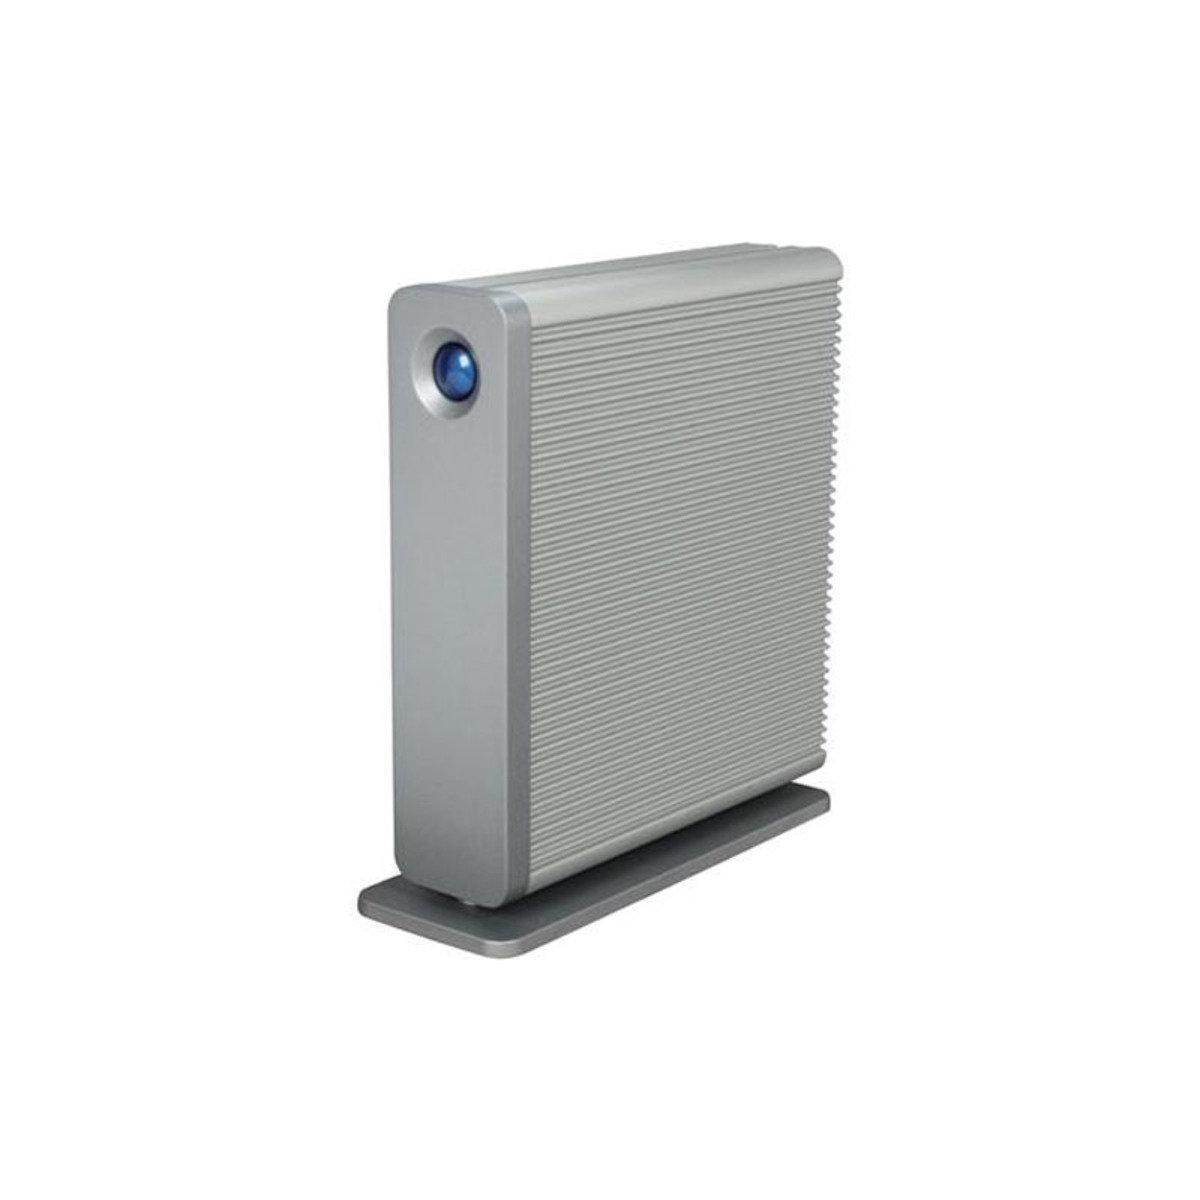 d2 Quadra USB3.0 4TB 3.5吋 外置硬碟 9000258U